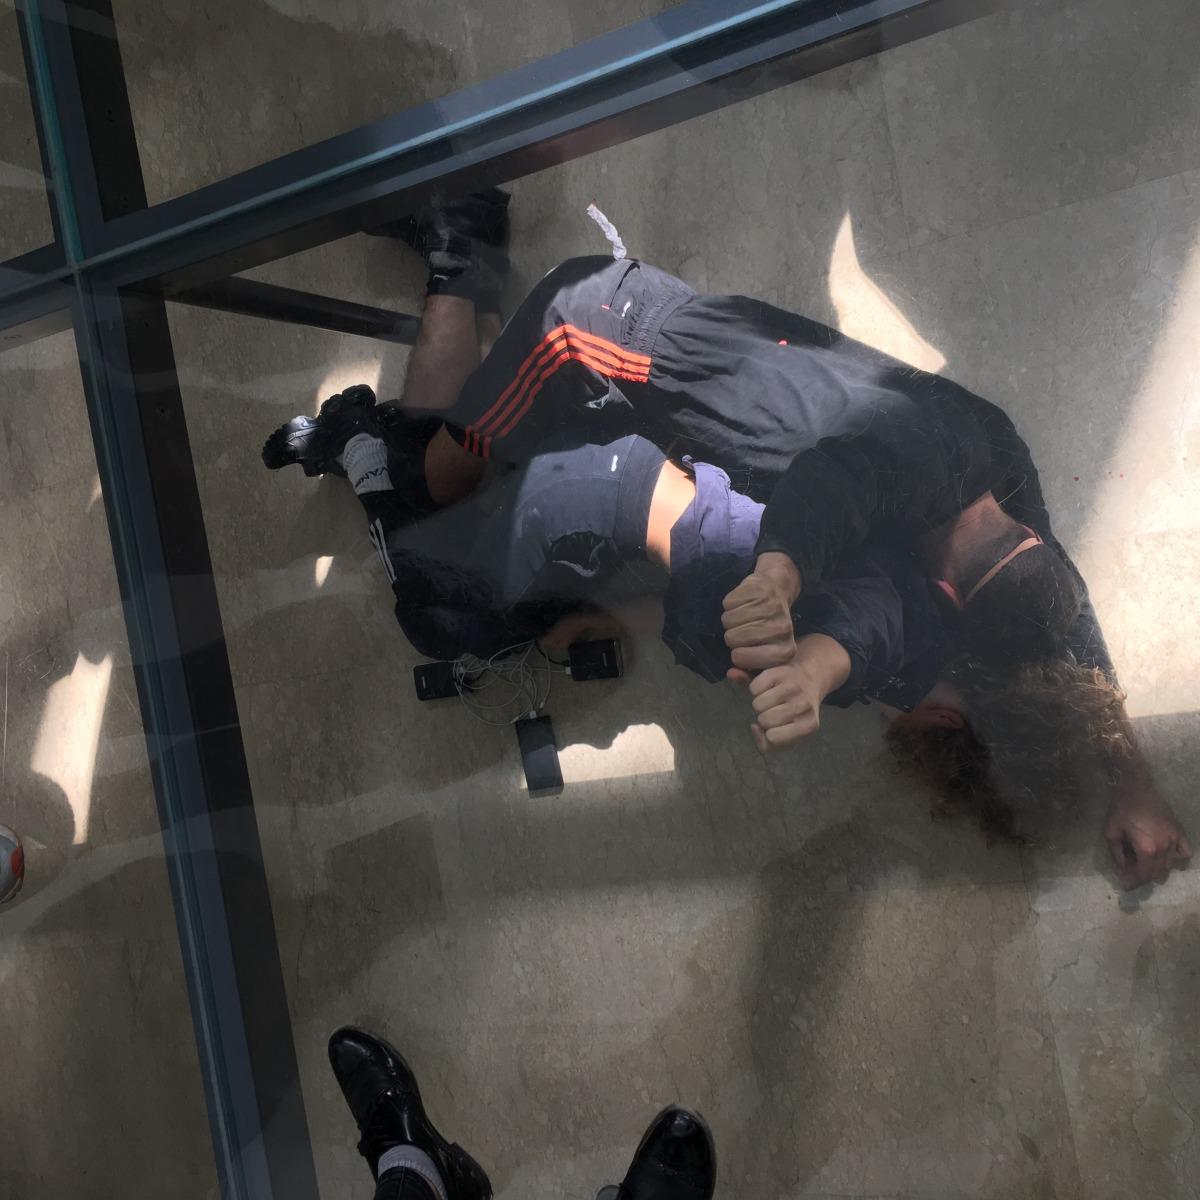 ענאד מערוף וקטיה צ'רנבה מתוך: אן אימהוף, פאוסט, 2017, הביתן הגרמני, הביאנלה ה-57 בוונציה  צילום: תומר ספיר